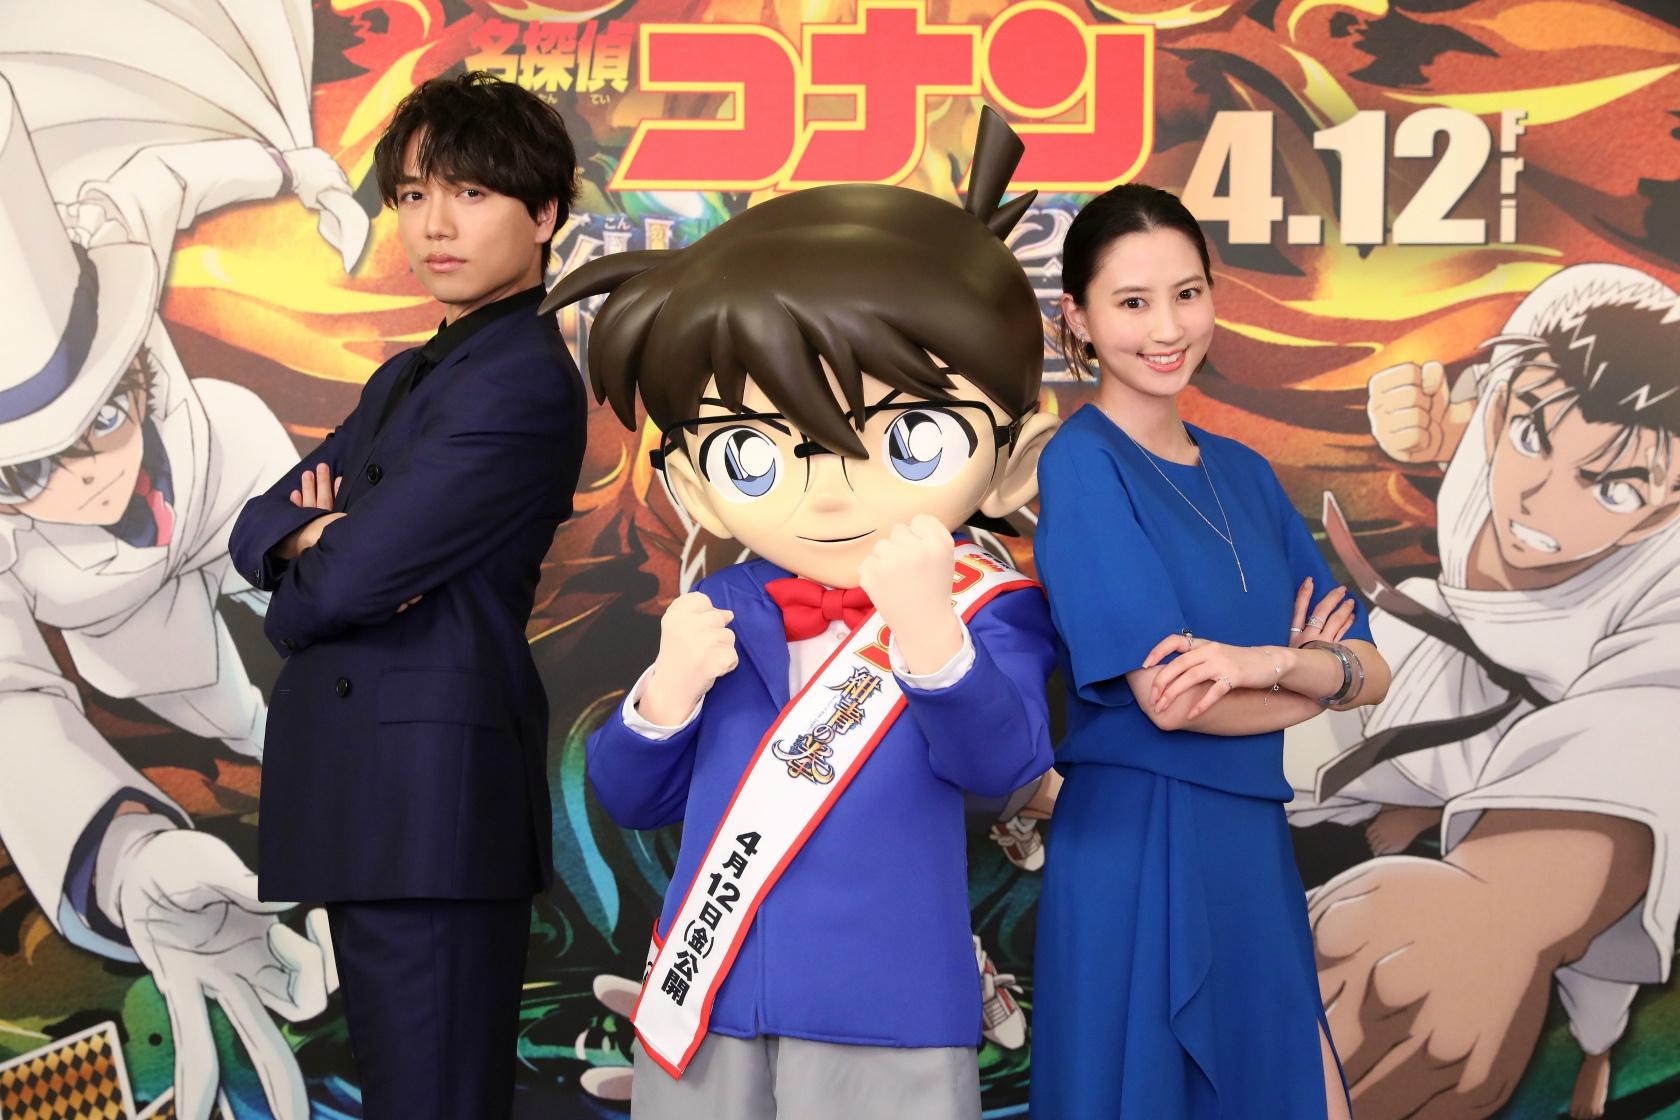 『名探偵コナン 紺青の拳』のゲスト声優が決定!